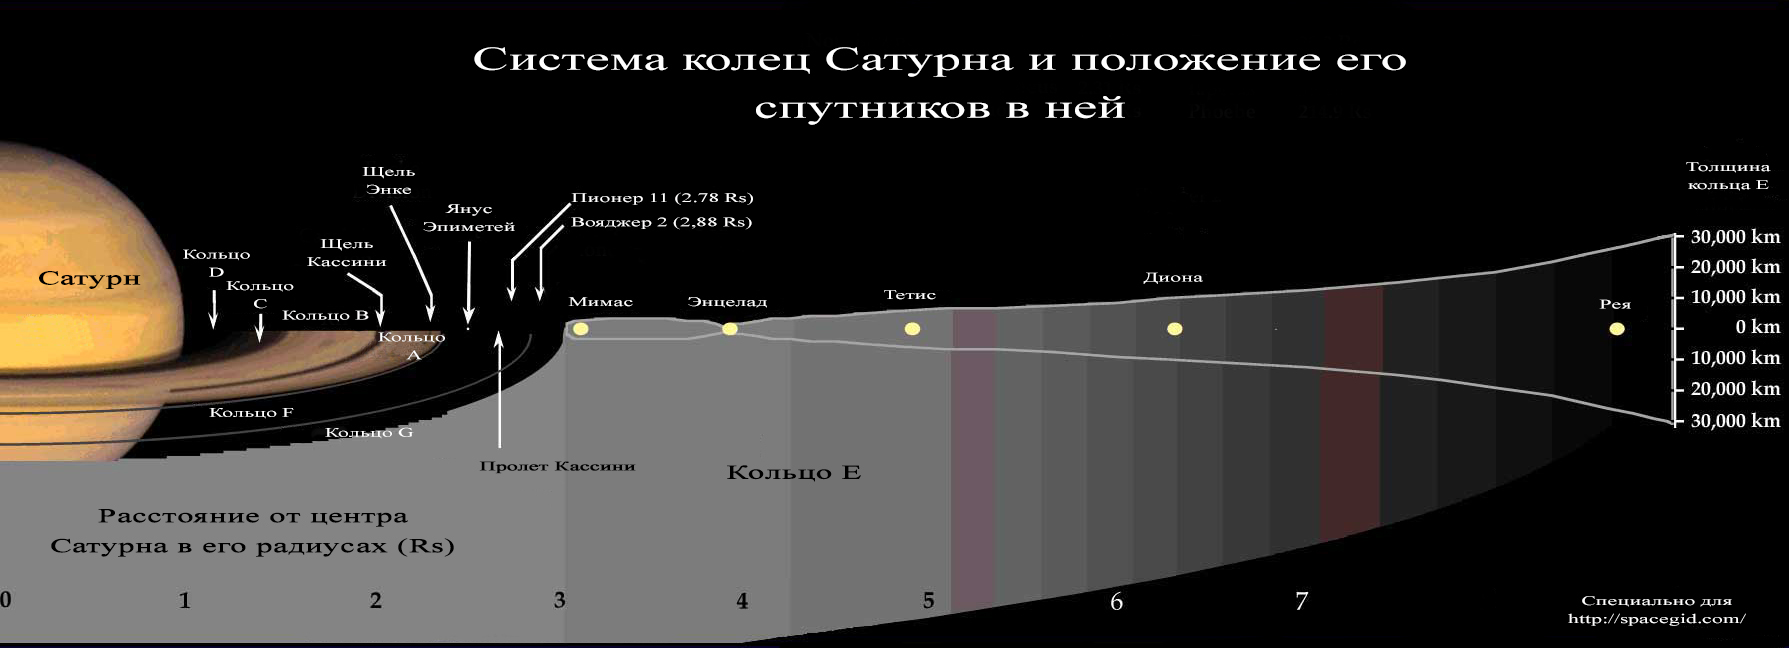 Схема расположения колец Сатурна и его спутников